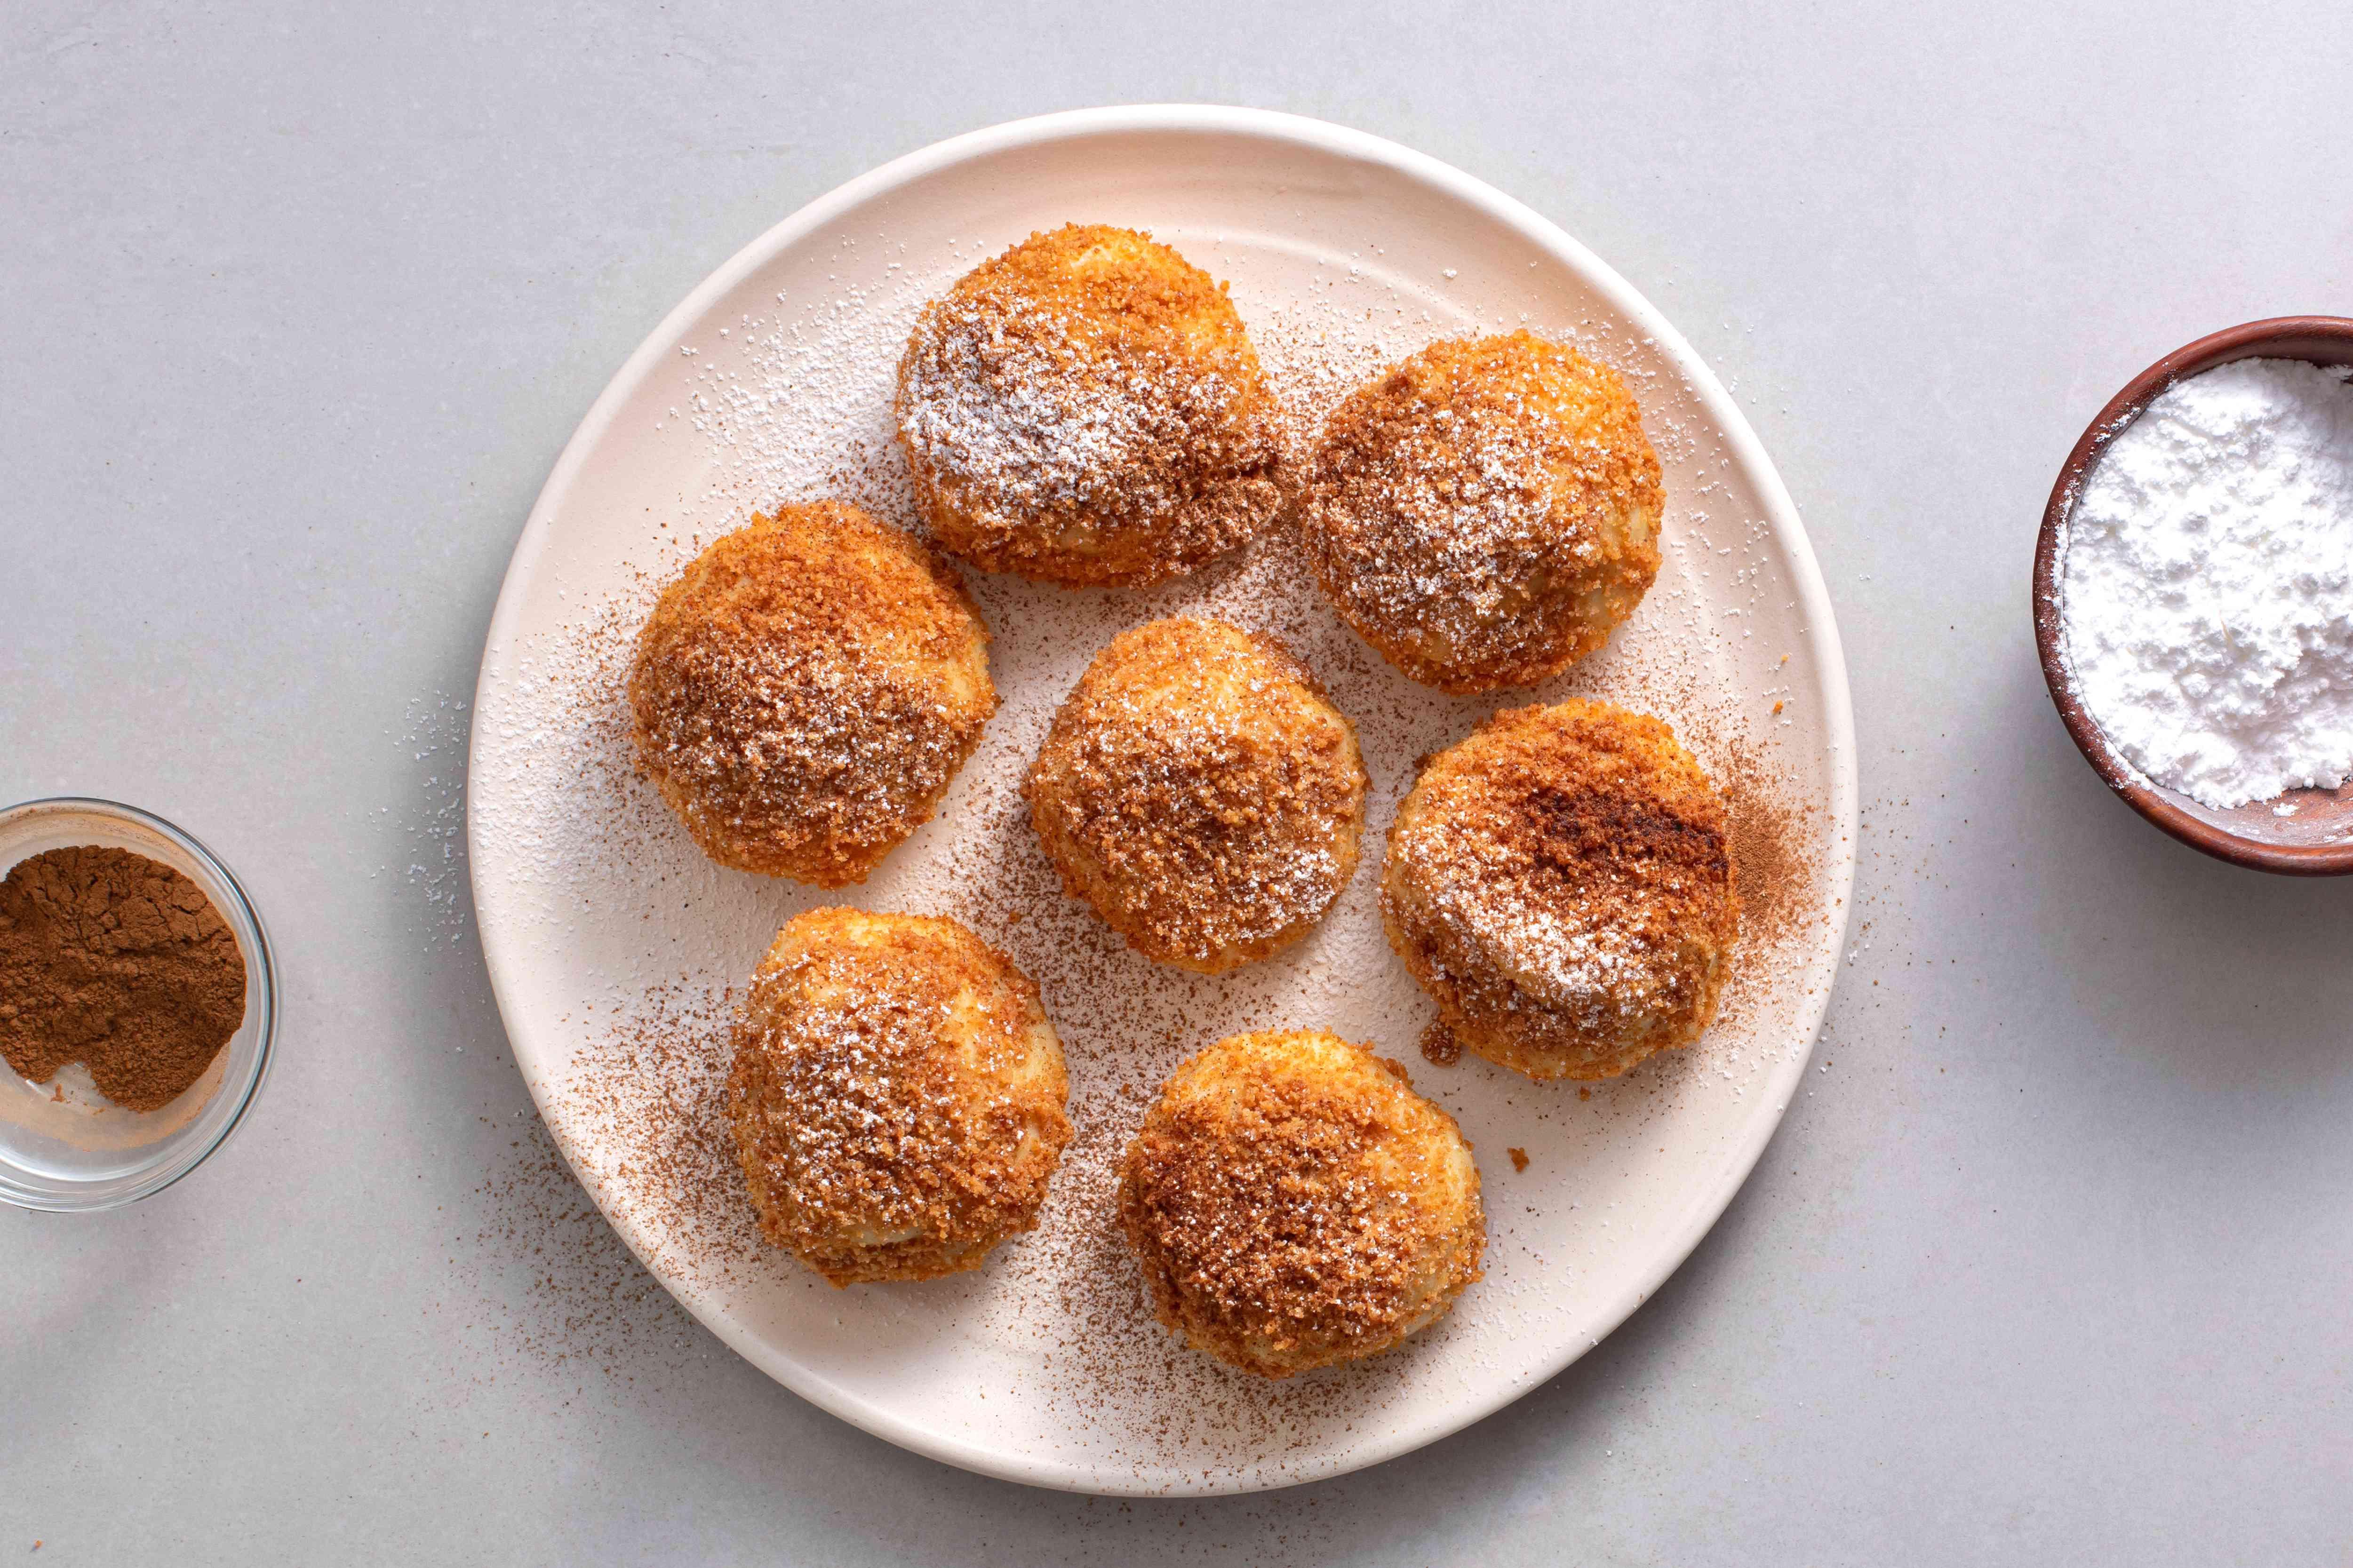 Croatian Plum Dumplings Recipe - Knedle s Sljivama on a platter